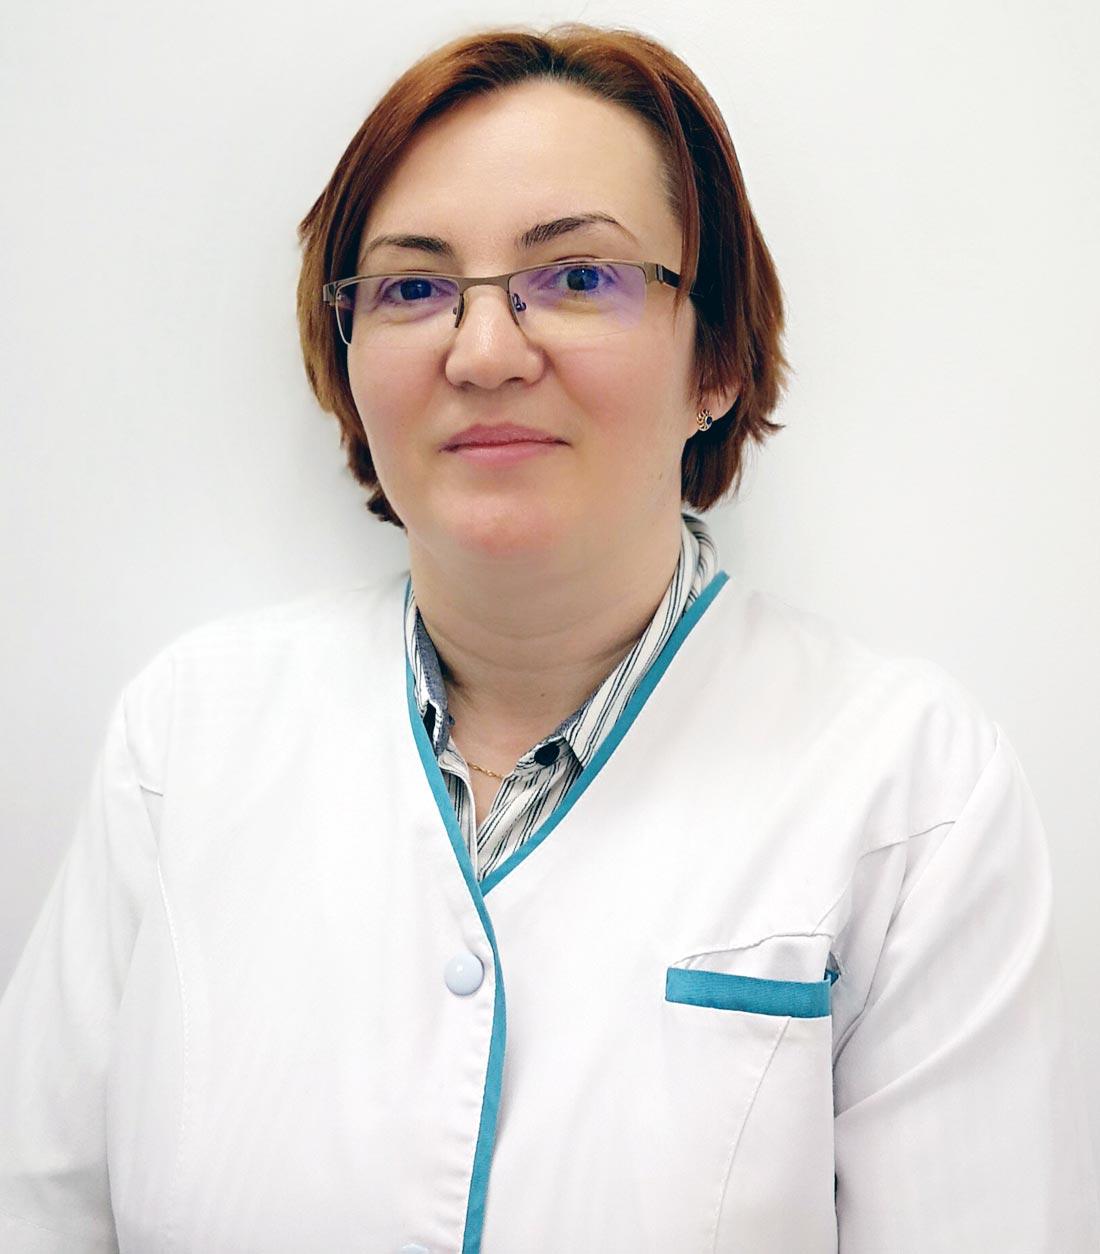 Dr. Alina Damian